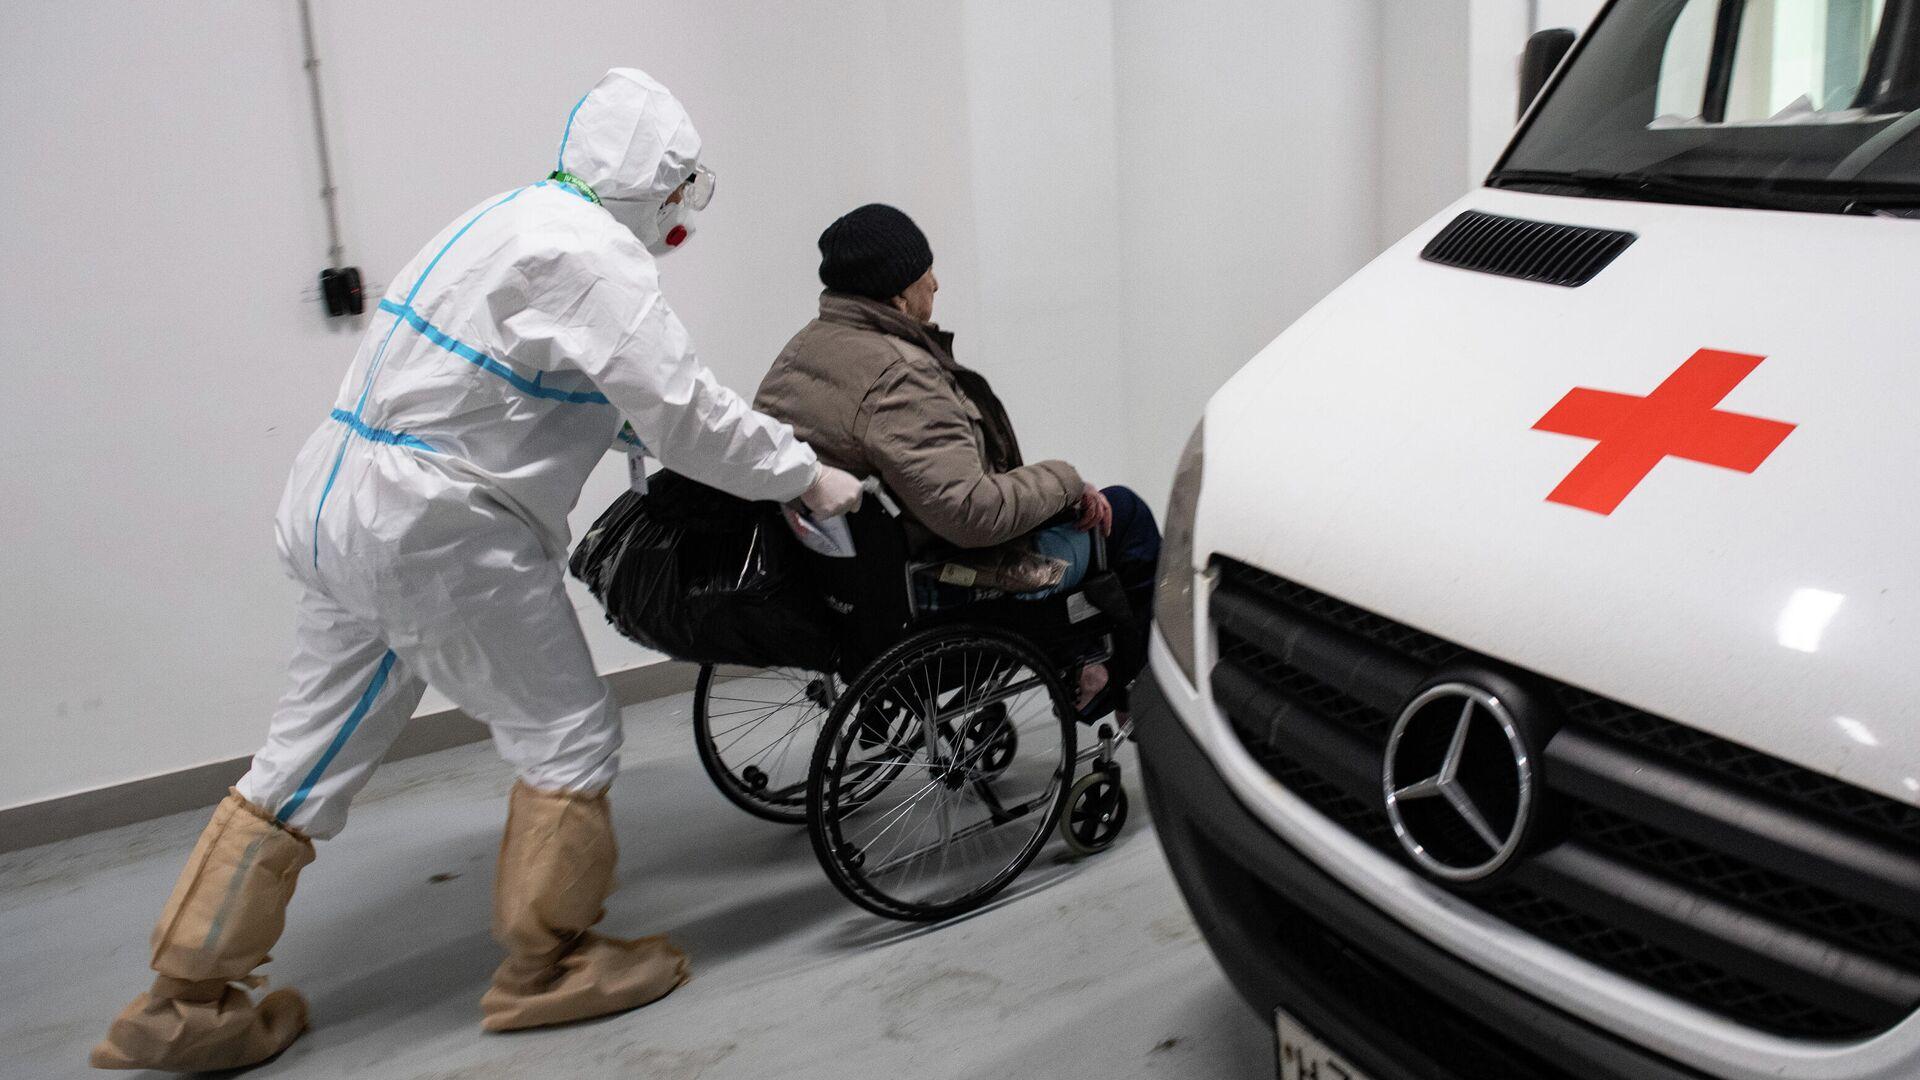 Медик везет пациента в приемное отделение городской клинической больницы №40 в Москве - РИА Новости, 1920, 08.04.2021